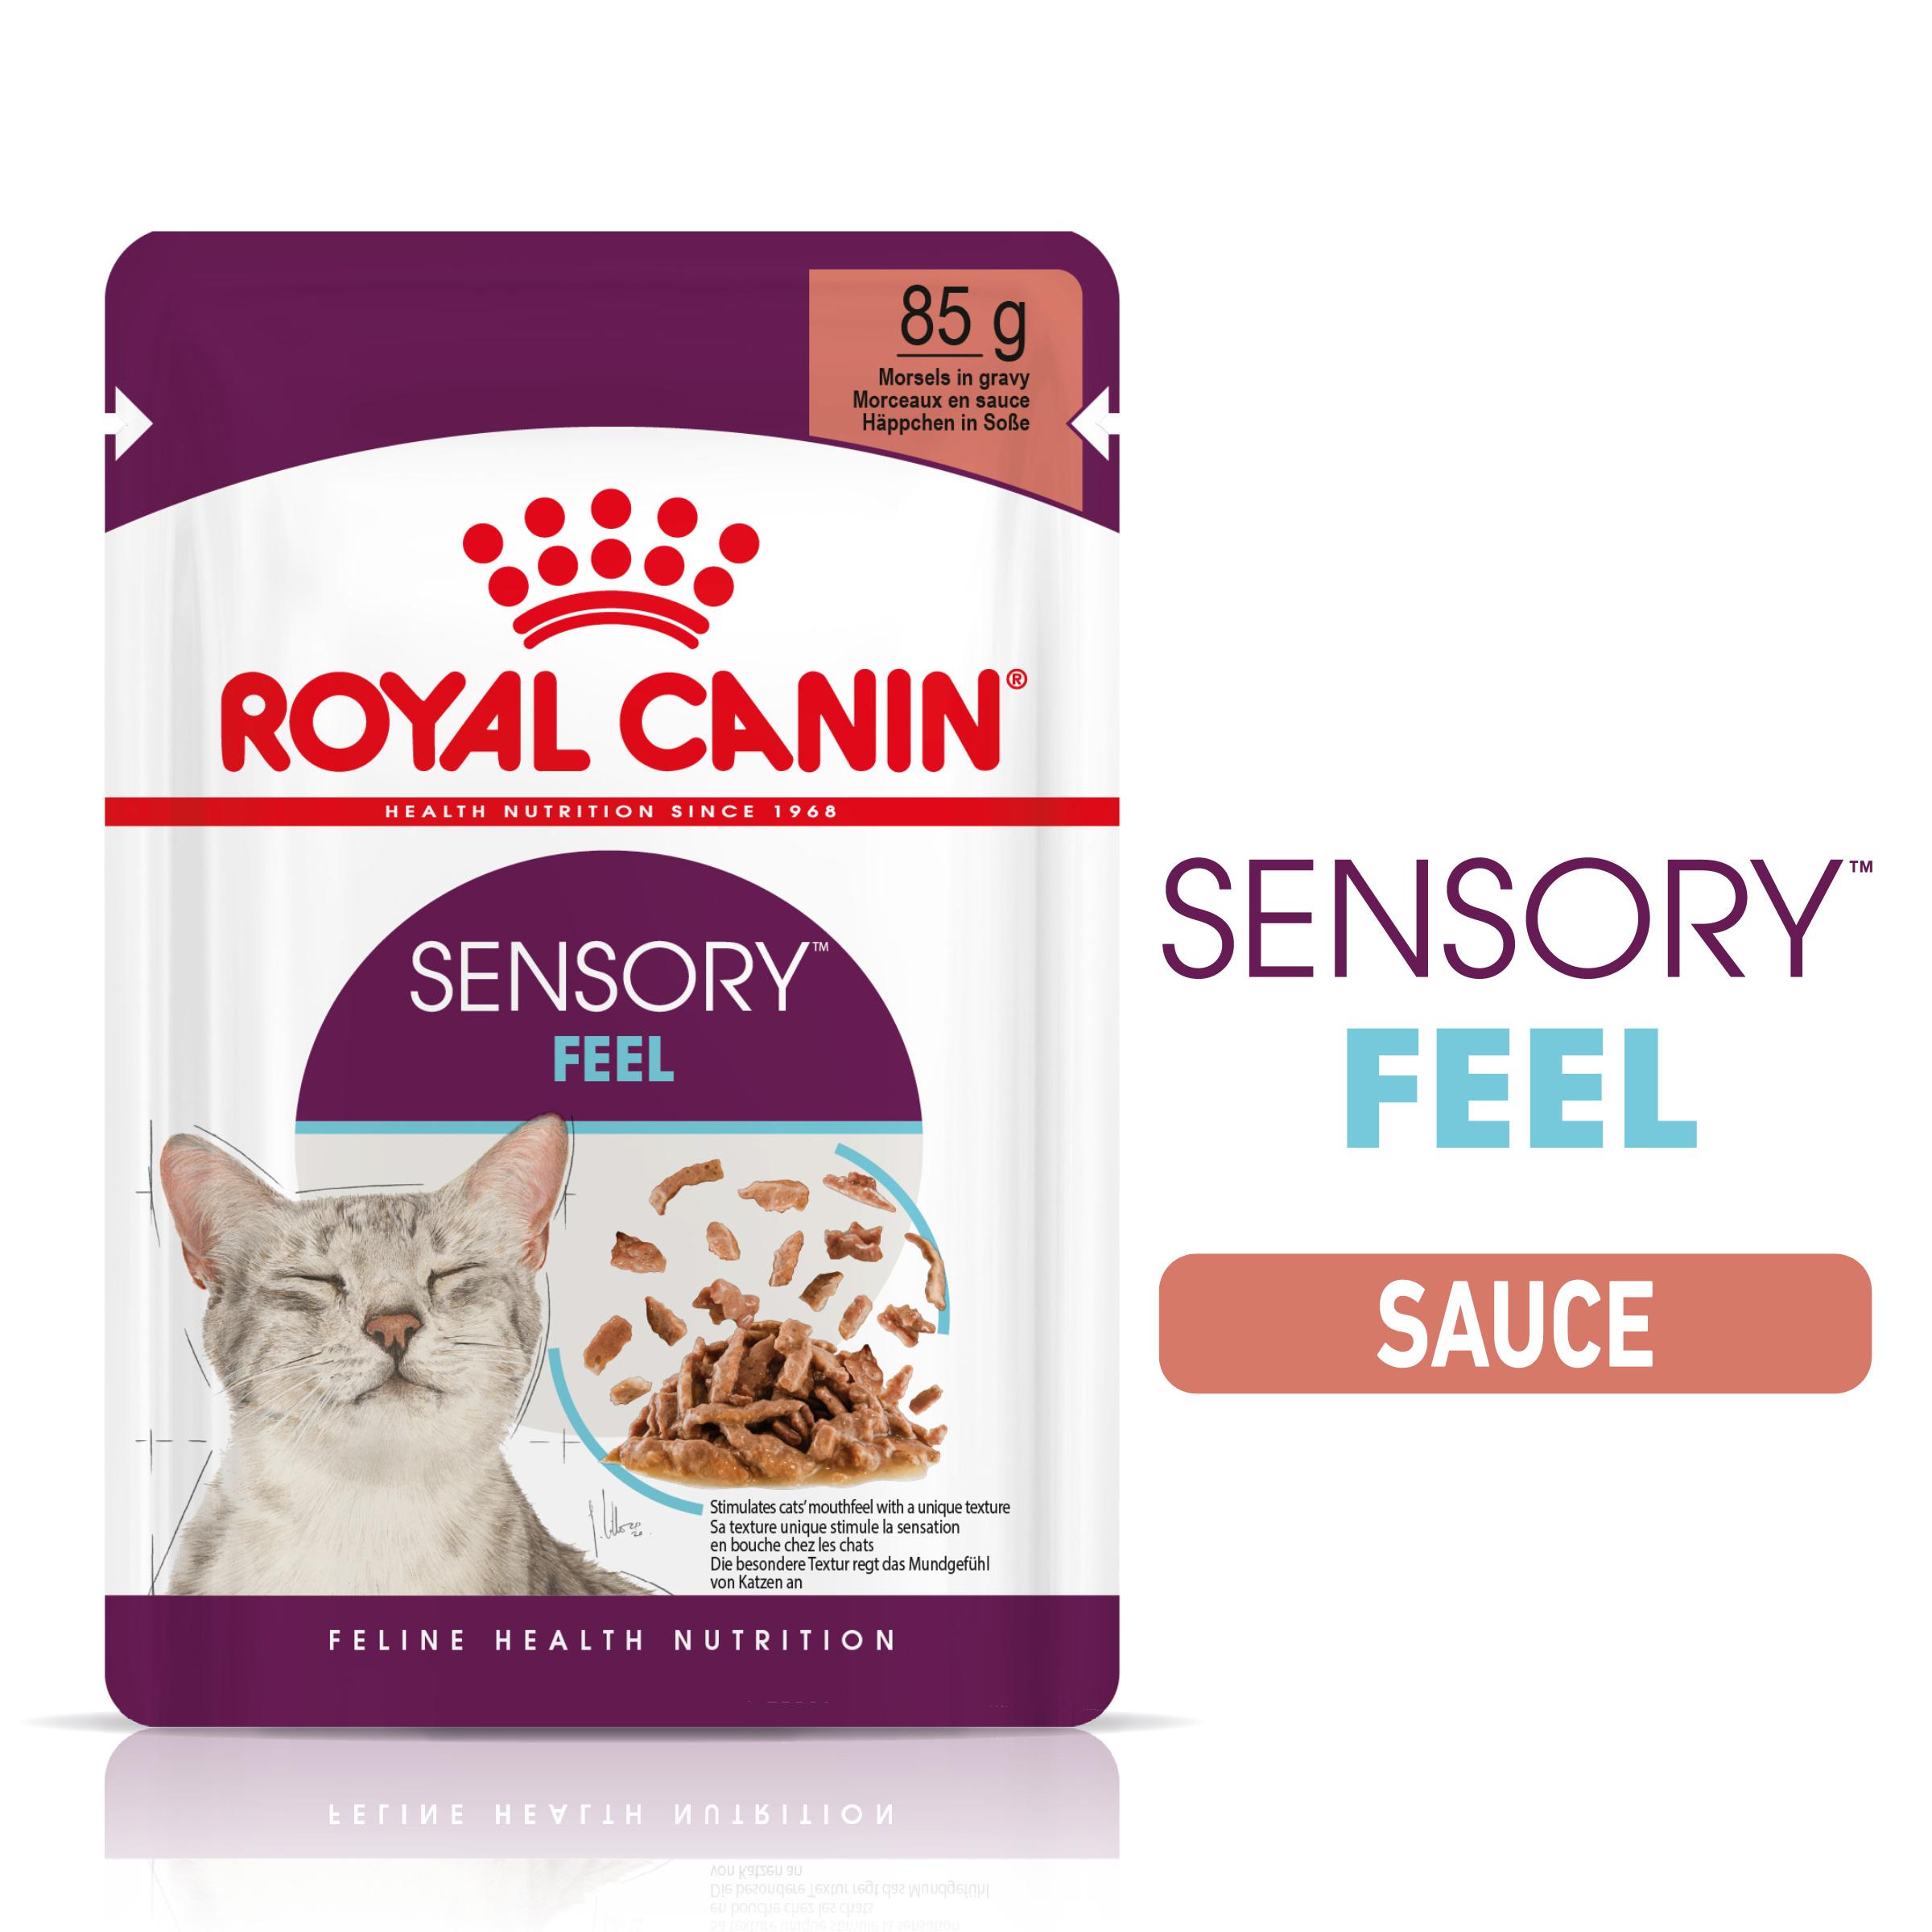 Sensory™ Feel sauce